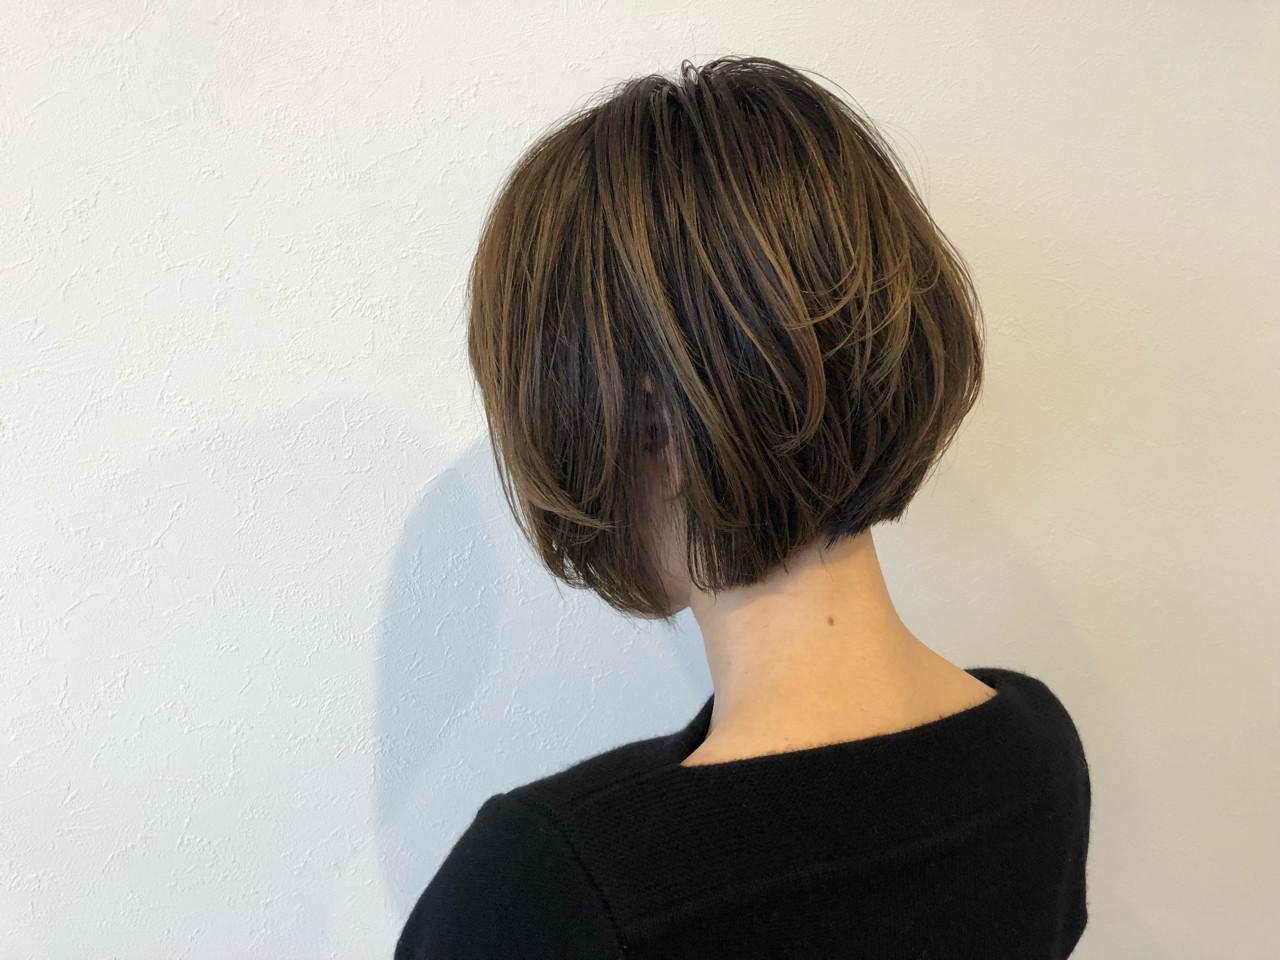 両サイドの髪も伸びたら美容院でまとめてもらおう 宇渡 裕一 | Lillie hair&spa